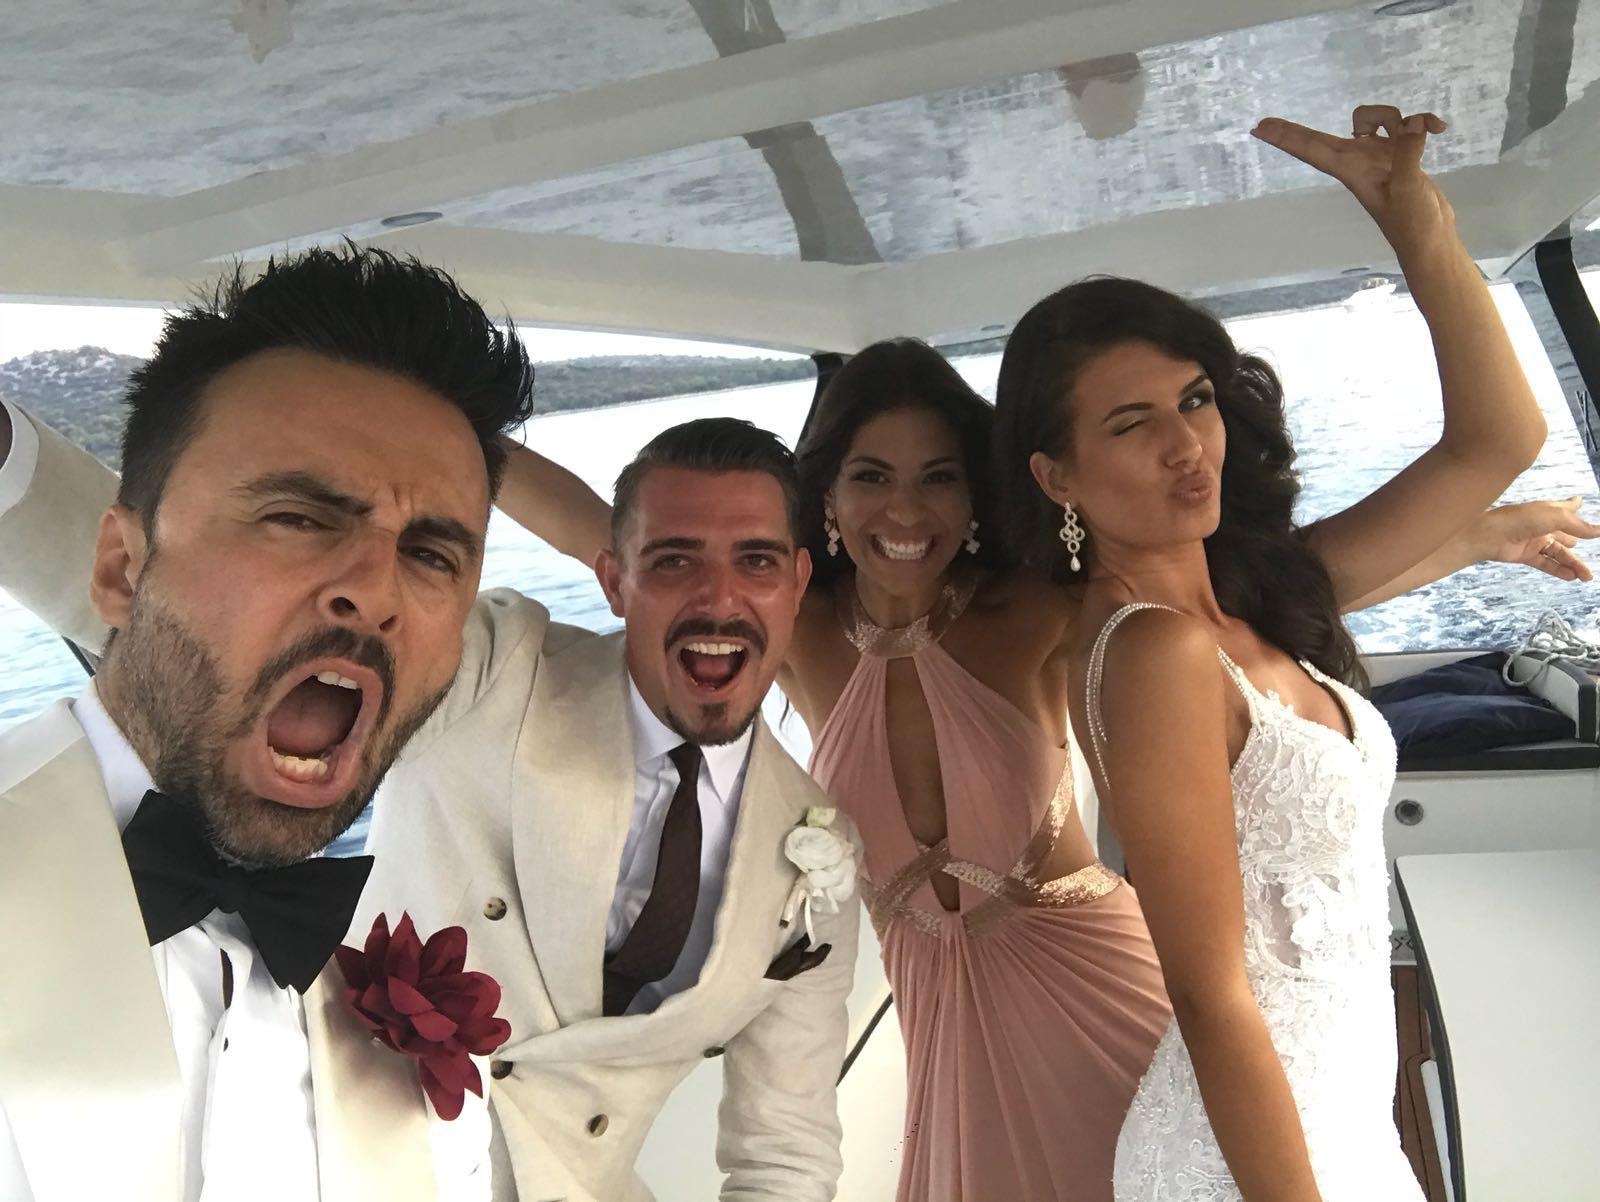 Je li ovo najljepše morsko vjenčanje koje ste vidjeli? Mi, bez pretjerivanja, kažemo - DA!